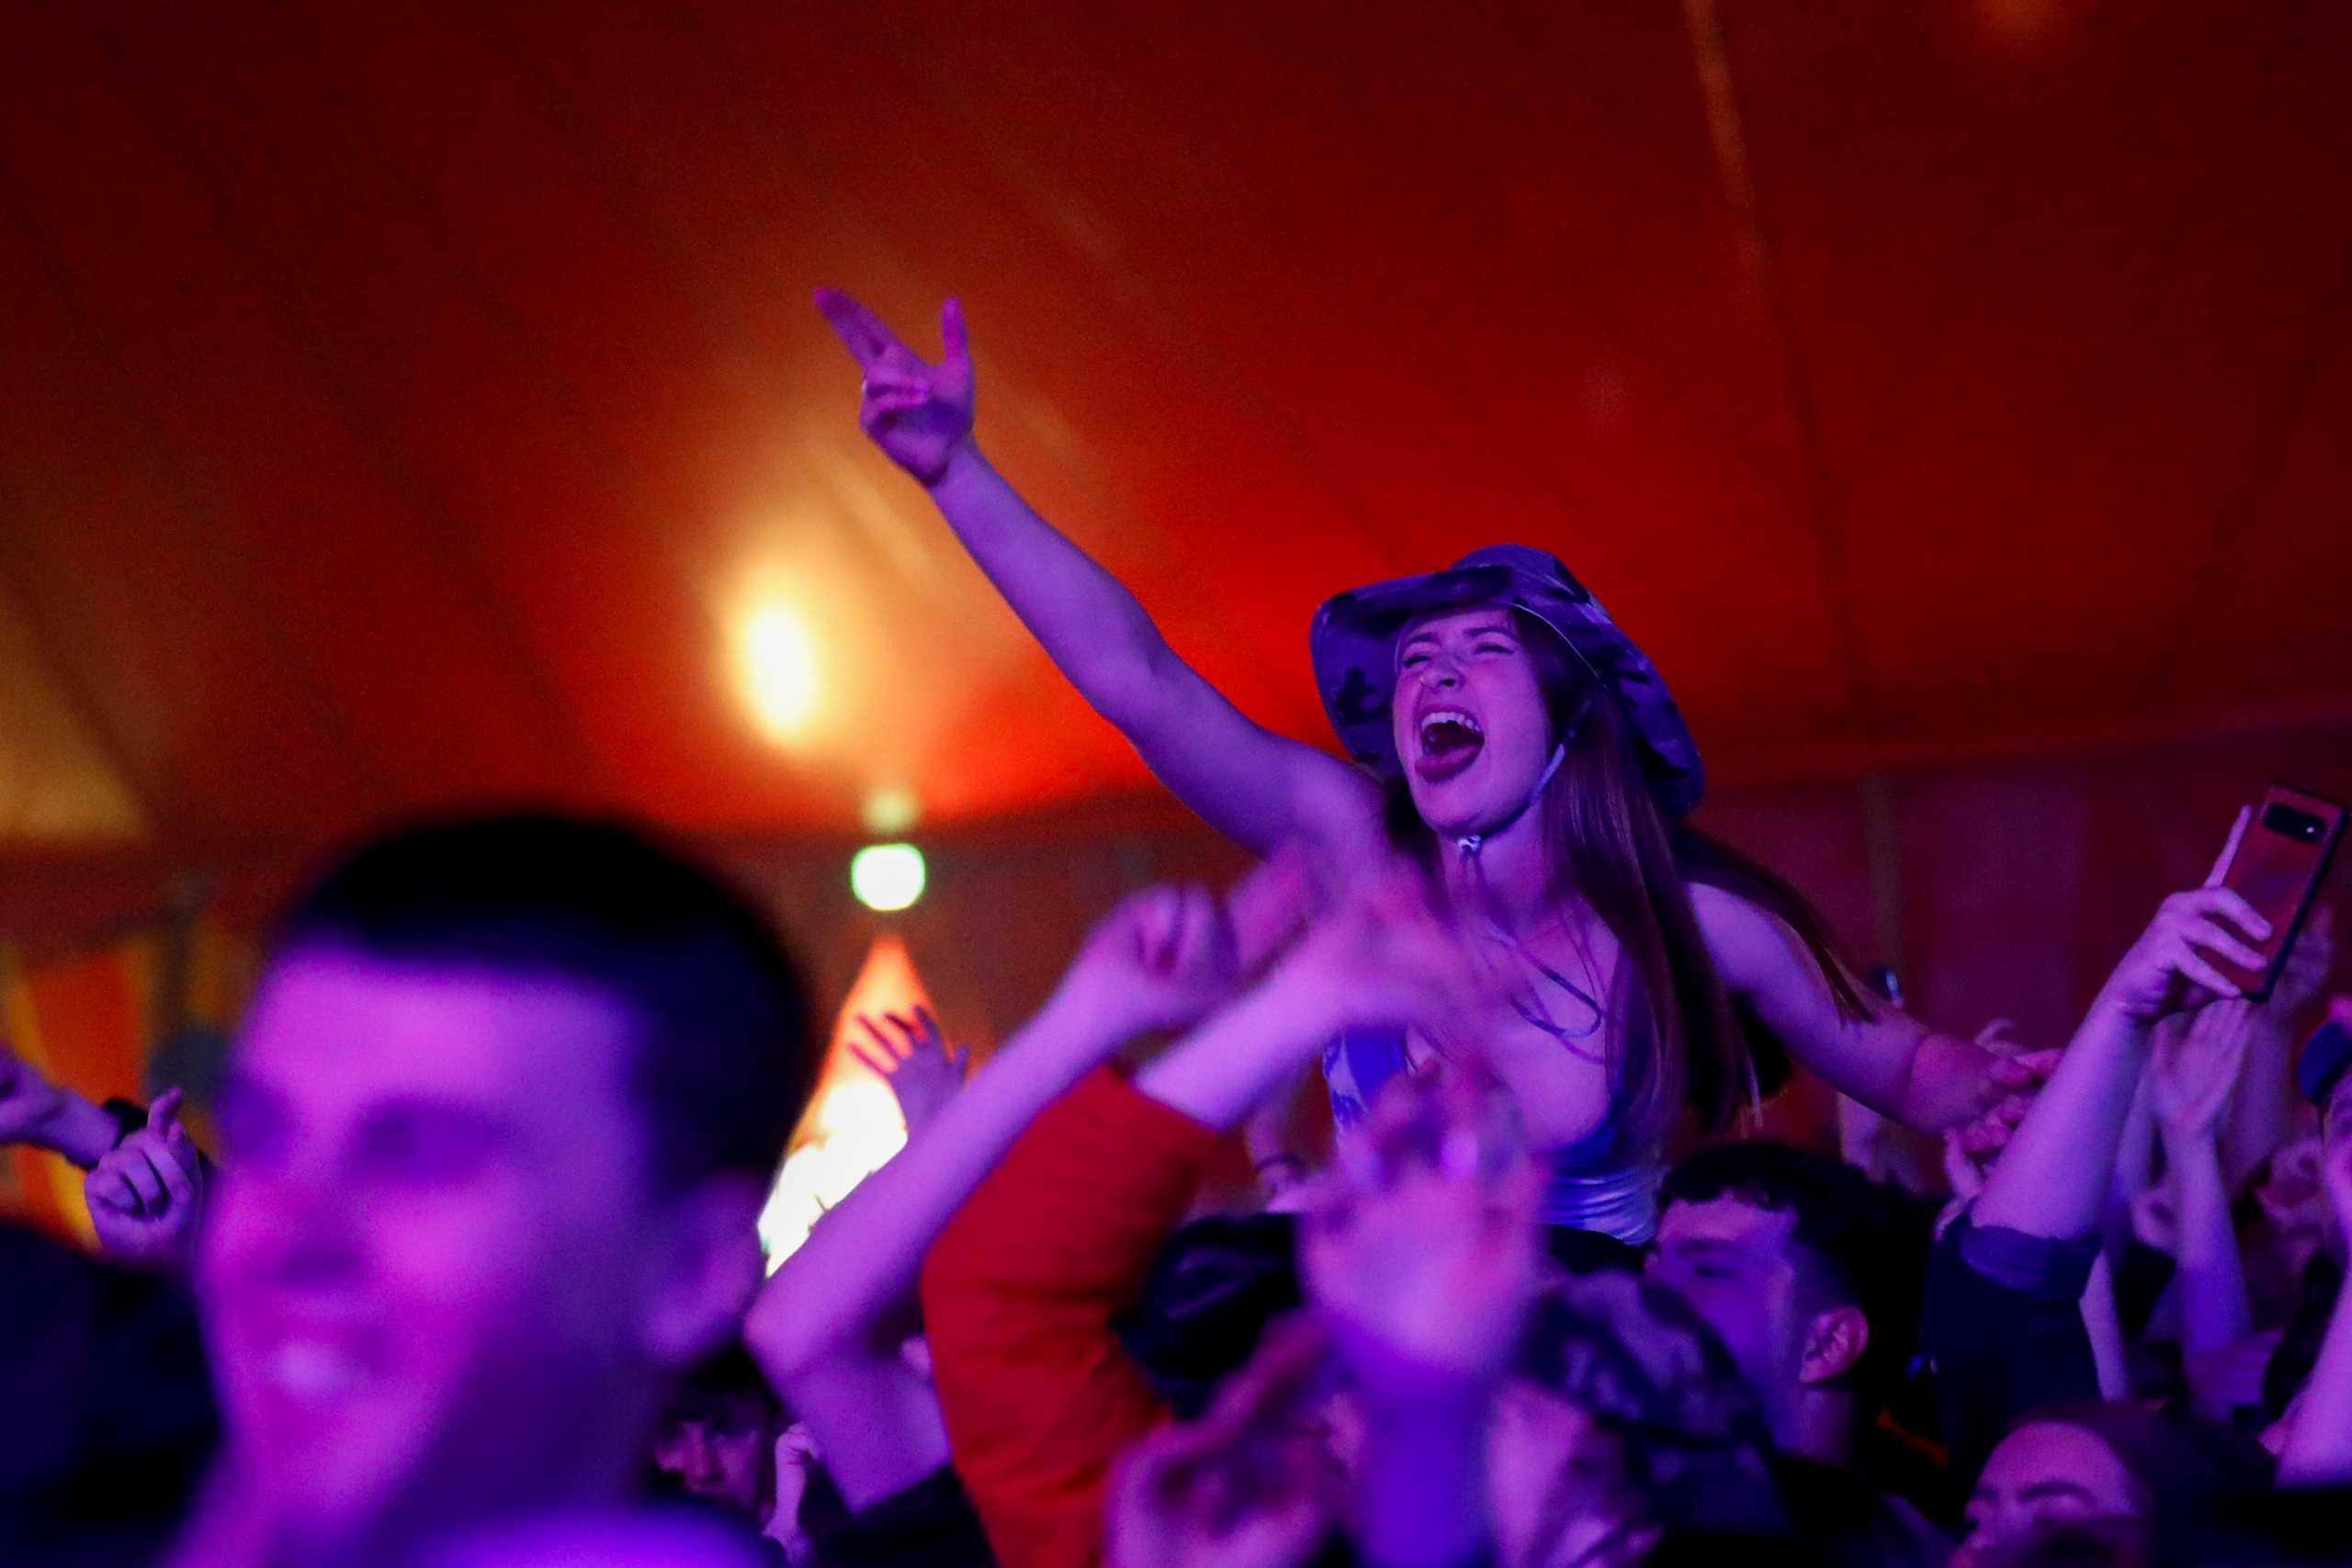 Κορονοϊός – Το «πείραμα» του Λίβερπουλ: Φεστιβάλ χωρίς μάσκες και 5.000 ανθρώπους (pics)